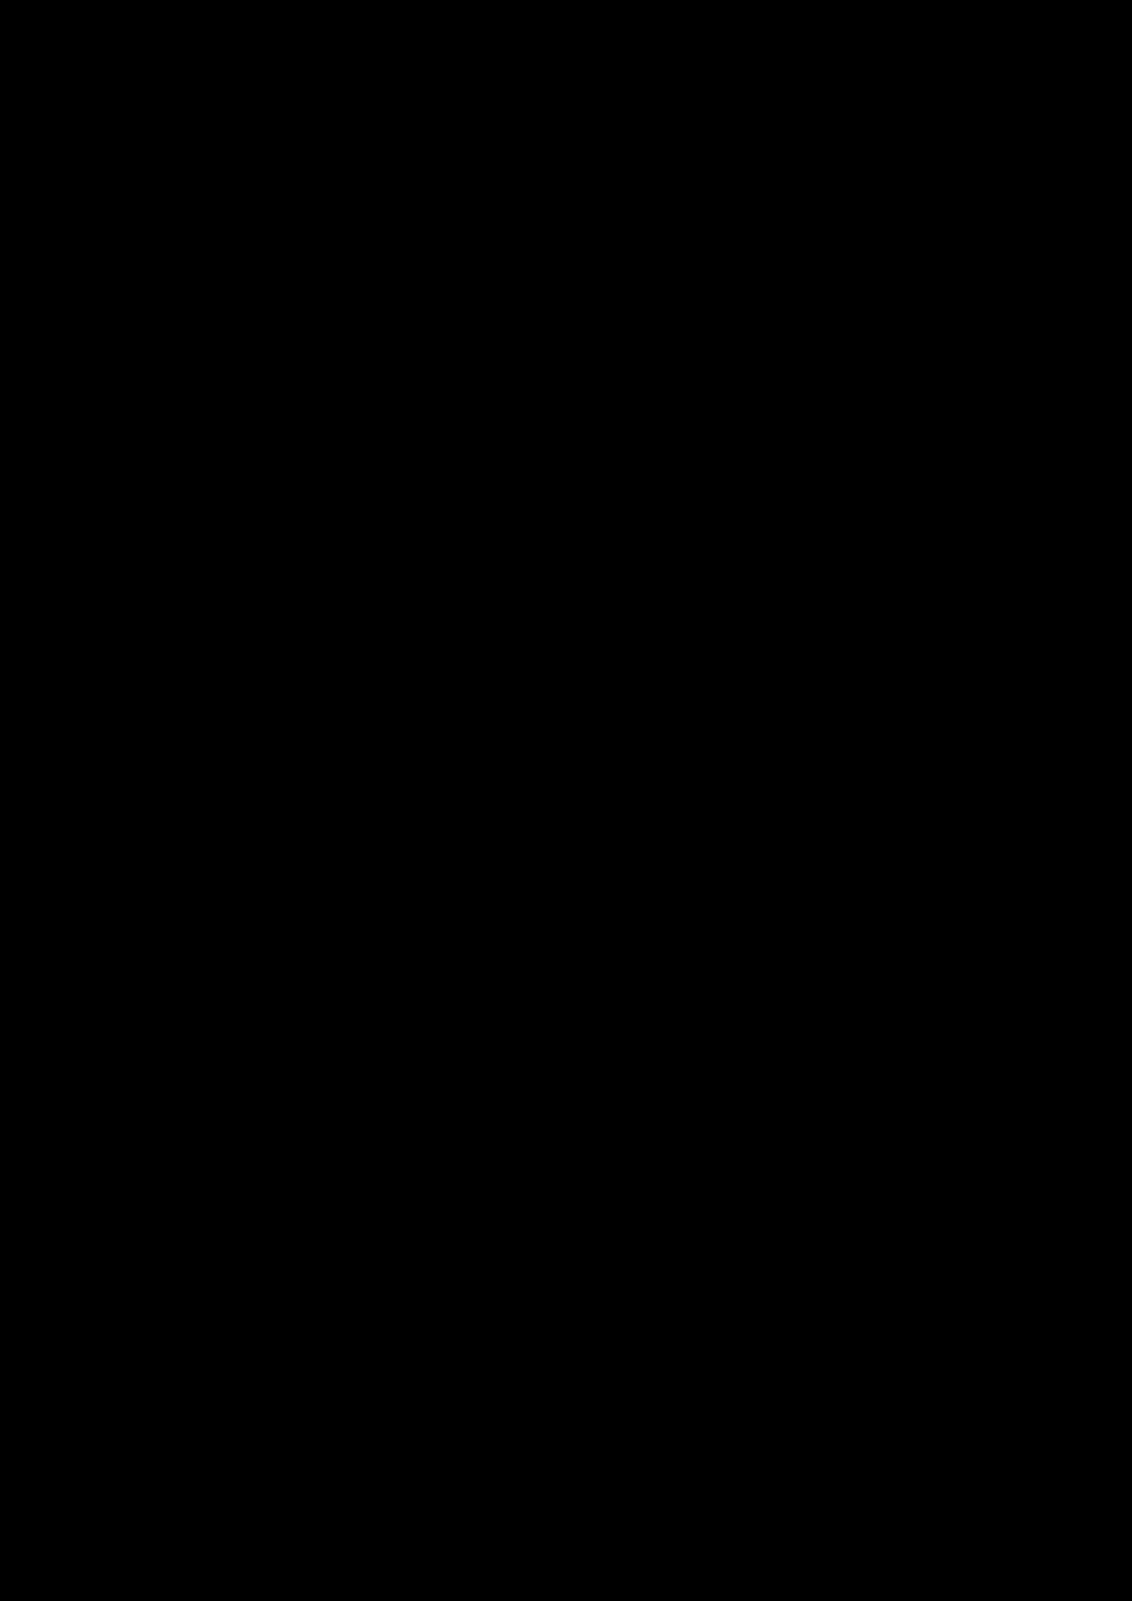 Serdtse slide, Image 32